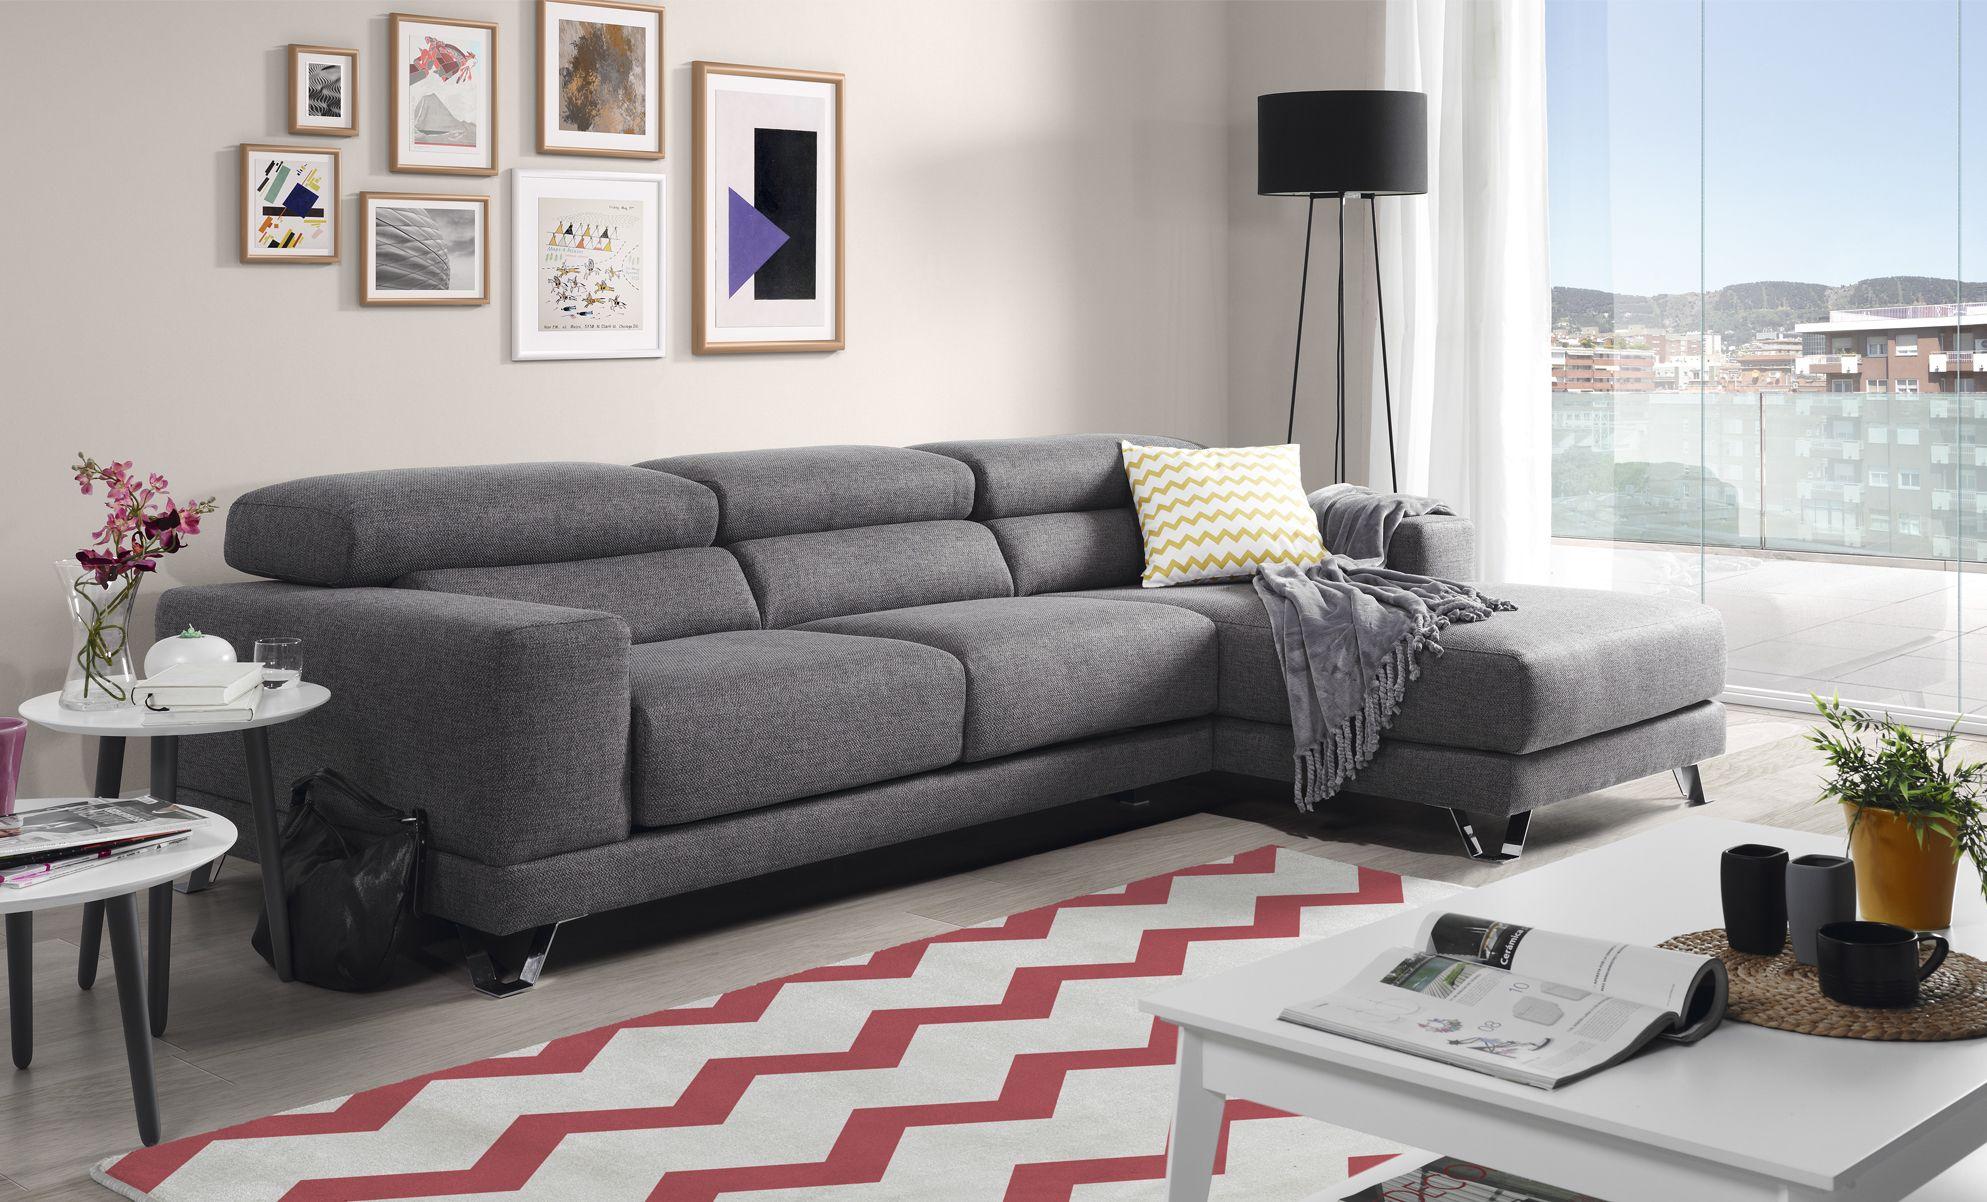 Kibuc muebles y complementos sof s maui sof s de for Kibuc sofas